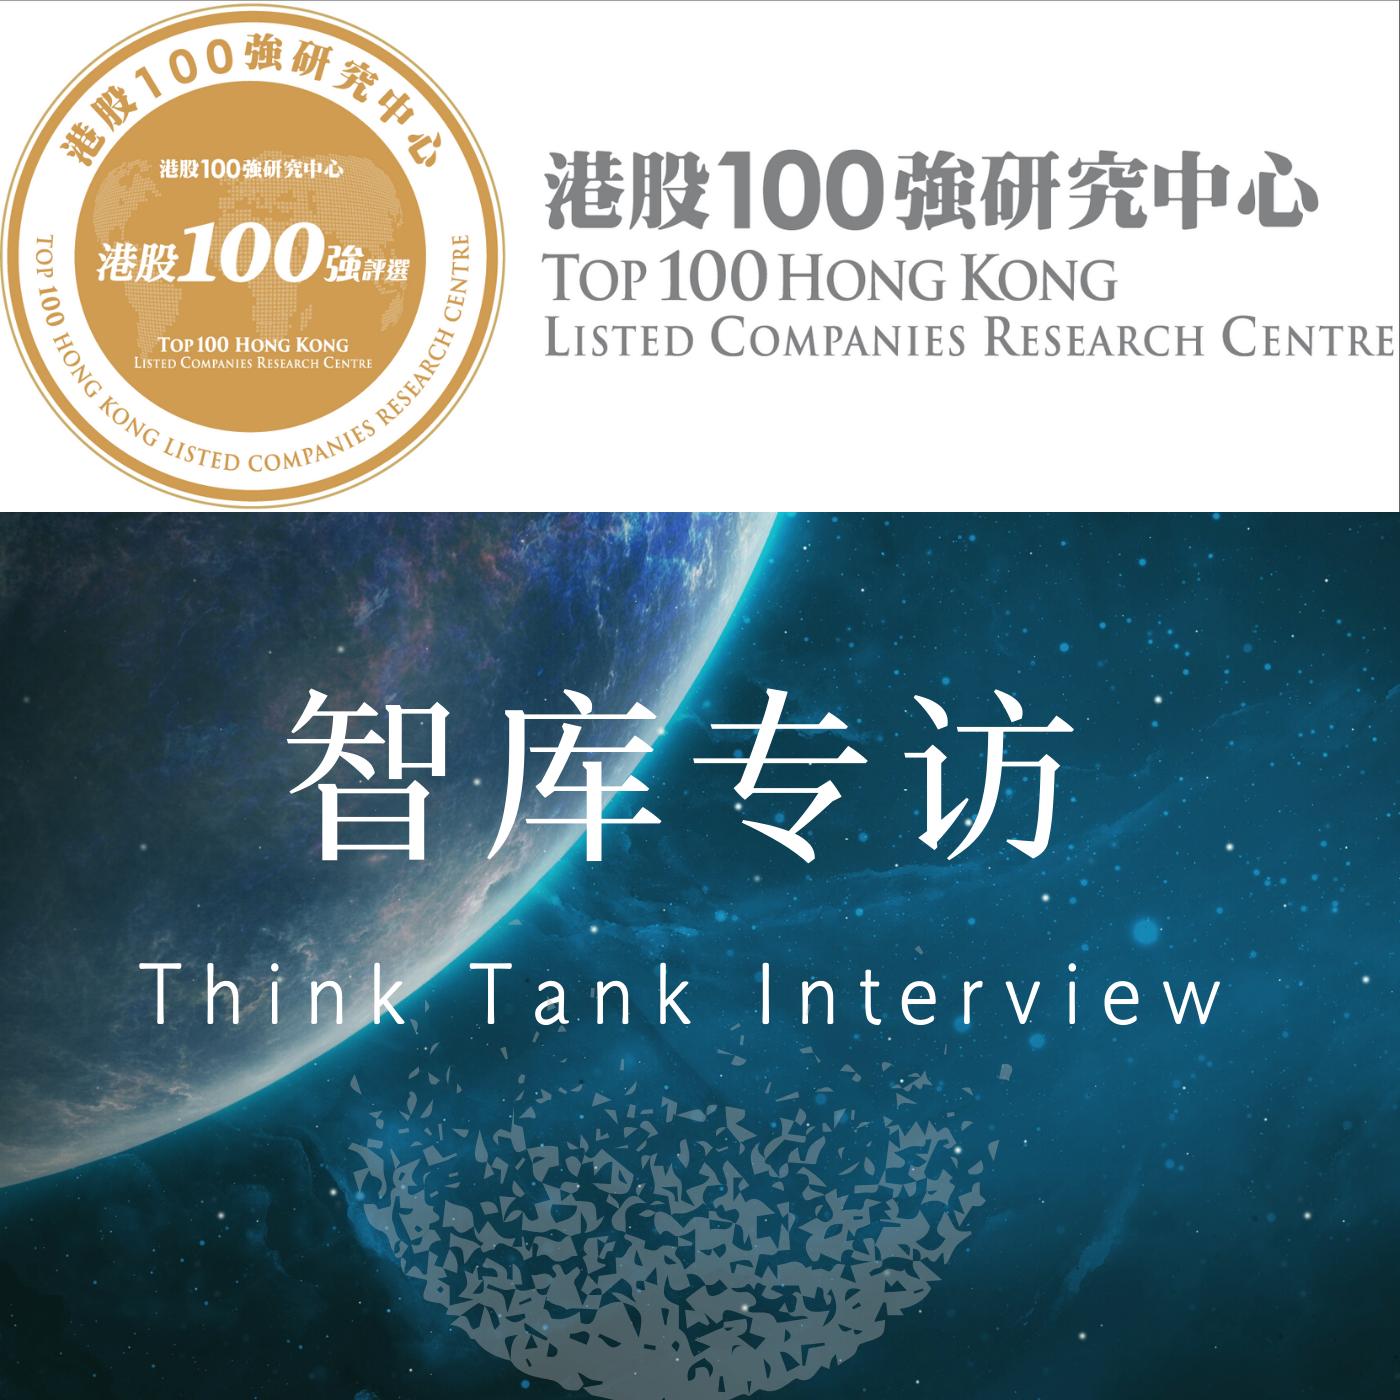 港股100强研究中心·智库专访